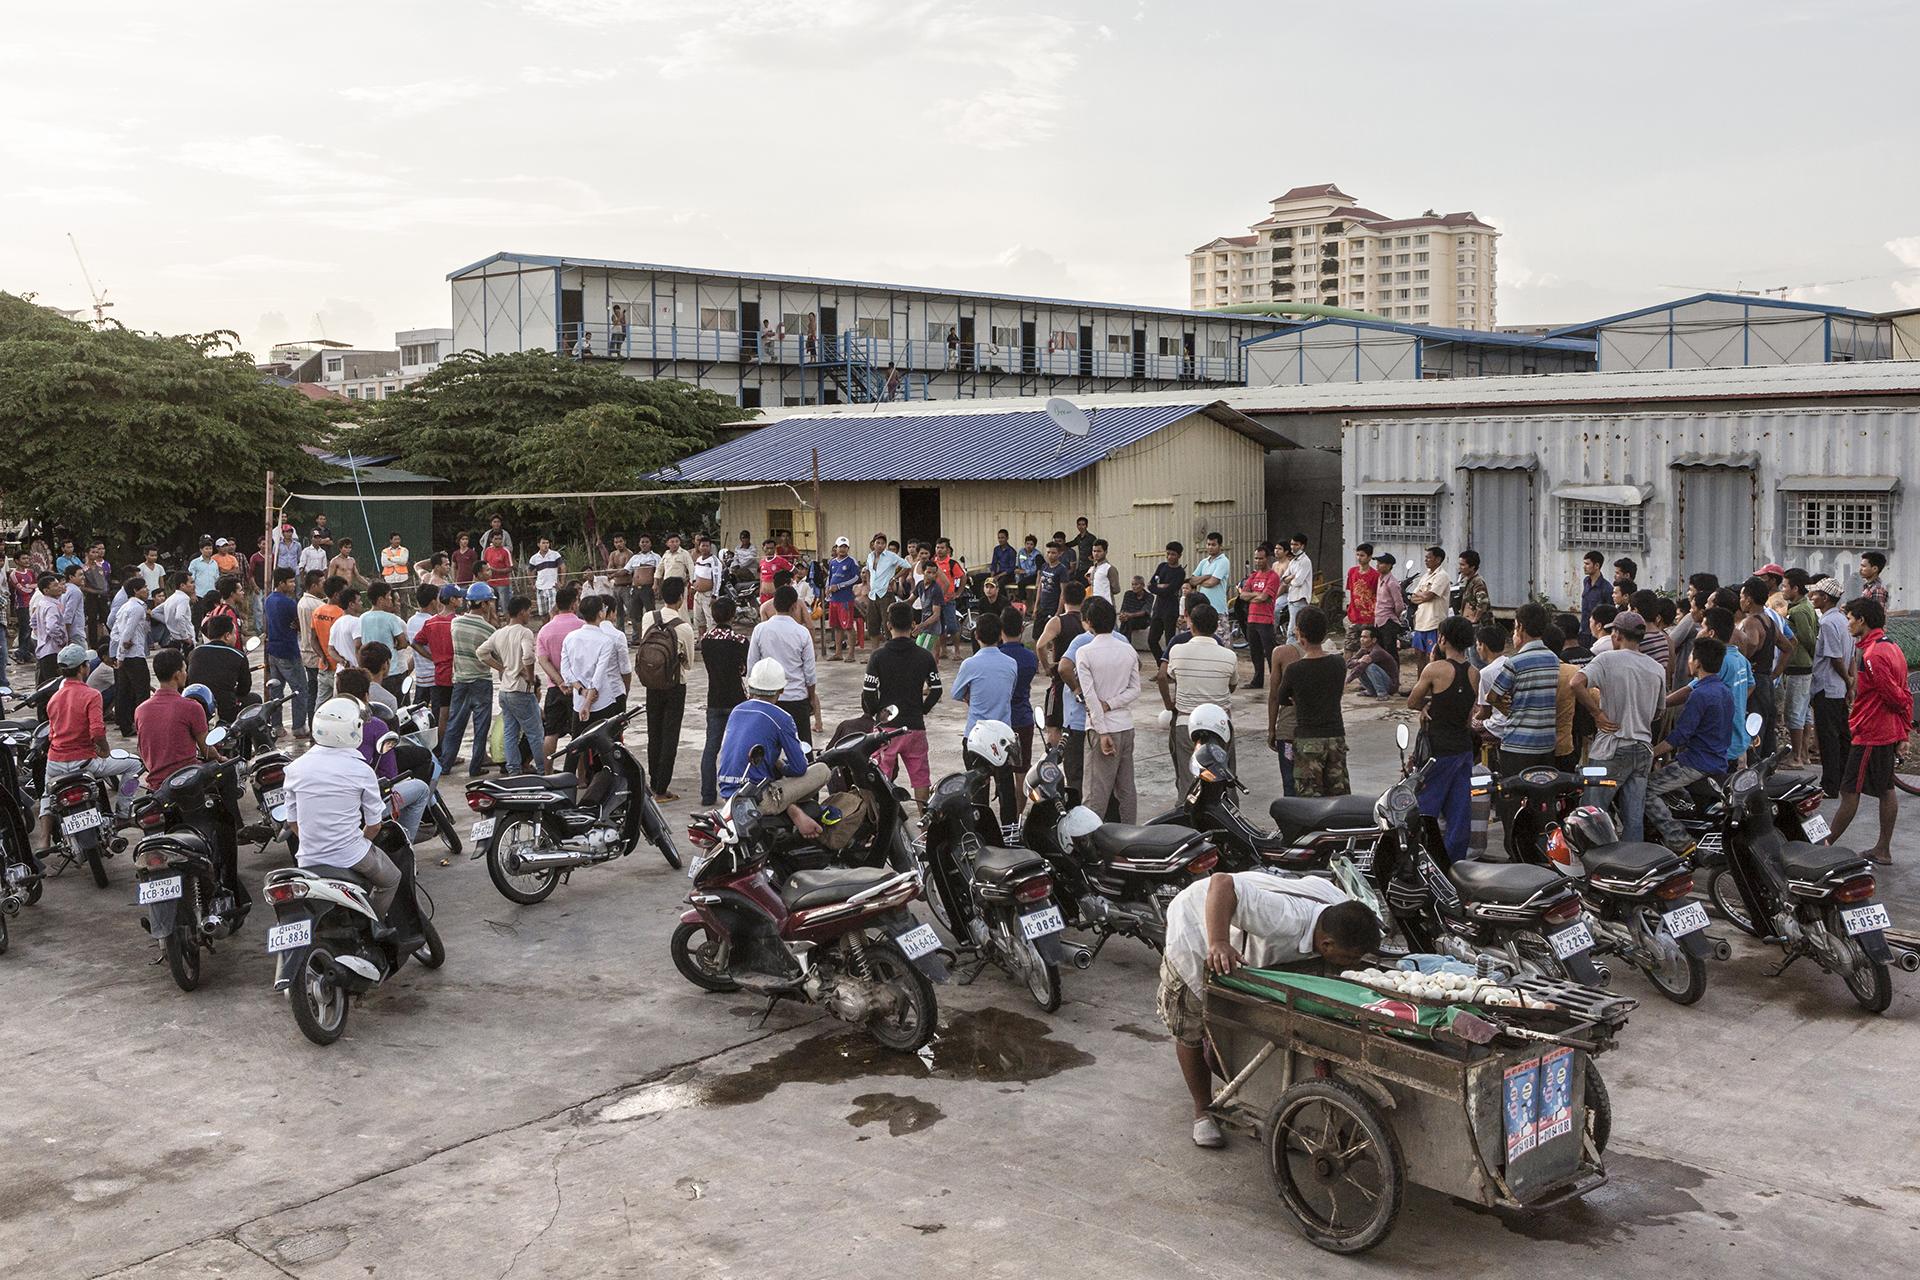 Quelque 200.000 ouvriers travaillent dans les différentes constructions de l'île. Les travailleurs sont généralement embauchés par des sous-traitants et payés à la journée. Nombre d'entre eux est des migrants venus des zones rurales qui dorment sur les chantiers dans des préfabriqués ou des campements de fortune. Entre 2011 et 2015, l'Organisation internationale du Travail a estimé qu'au moins 1 500 travailleurs sont morts sur les chantiers et dans les fabriques à briques.